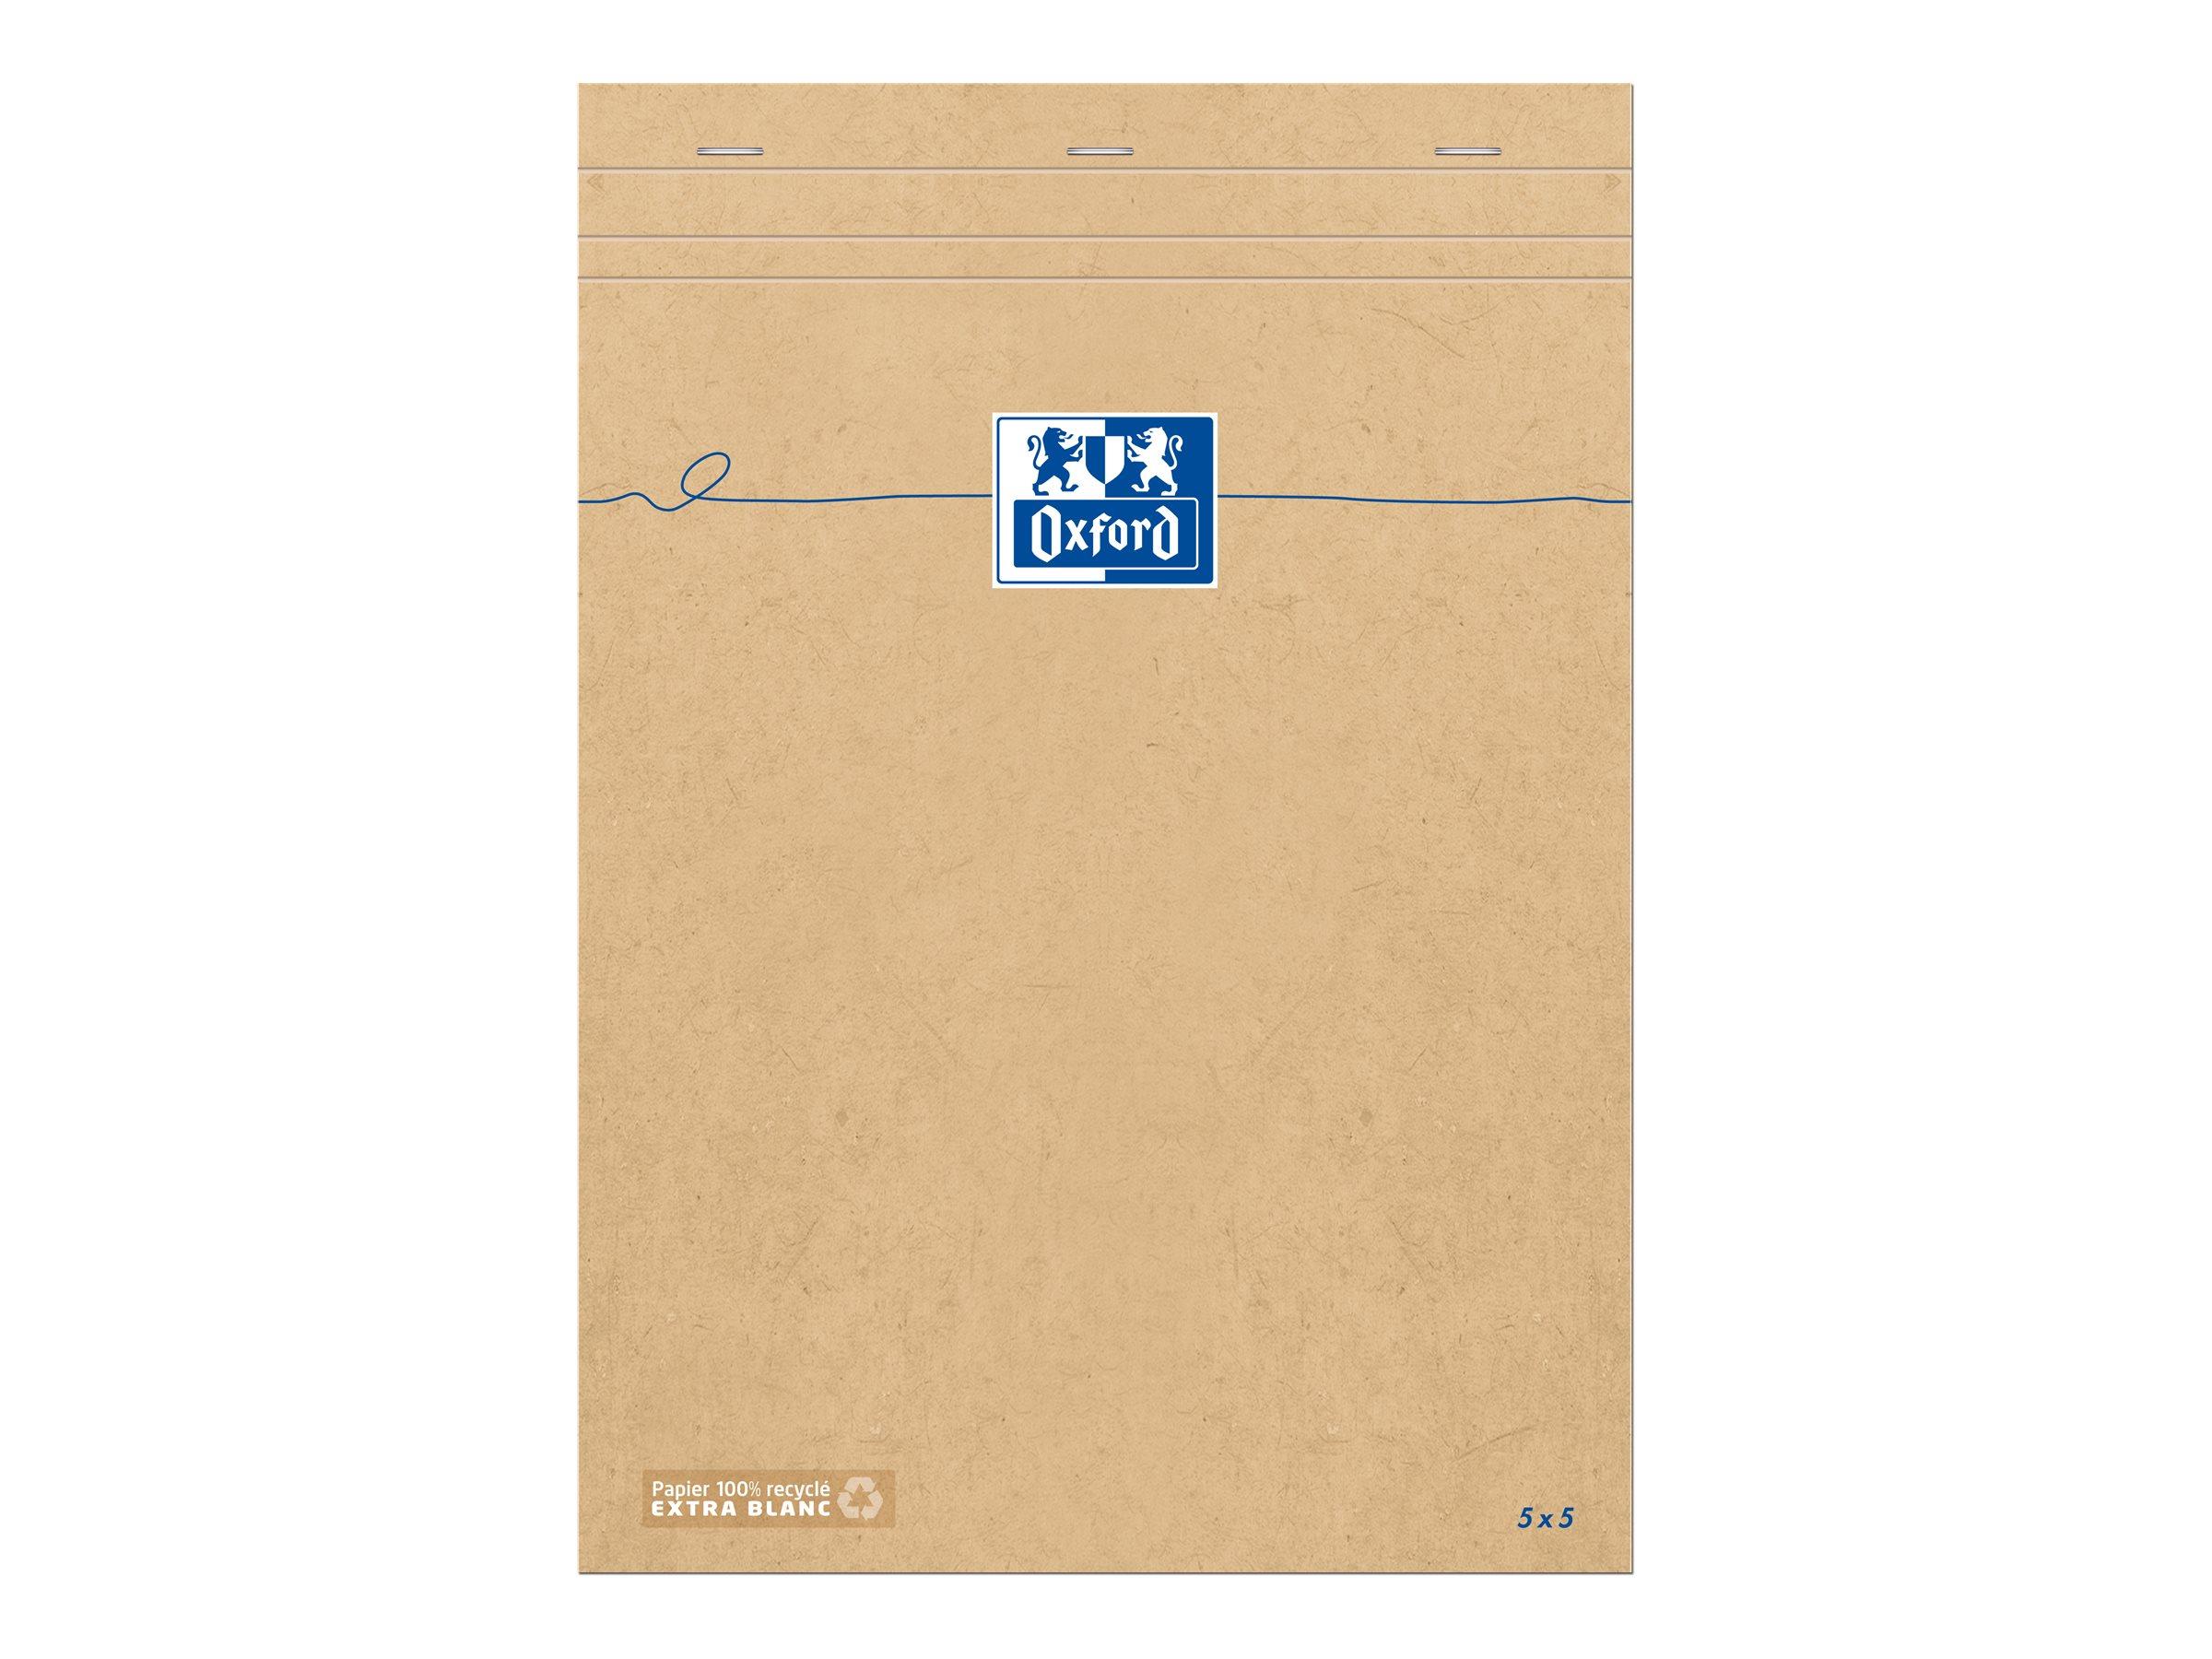 Oxford - Bloc notes - A4 - 160 pages - petits carreaux - 80G